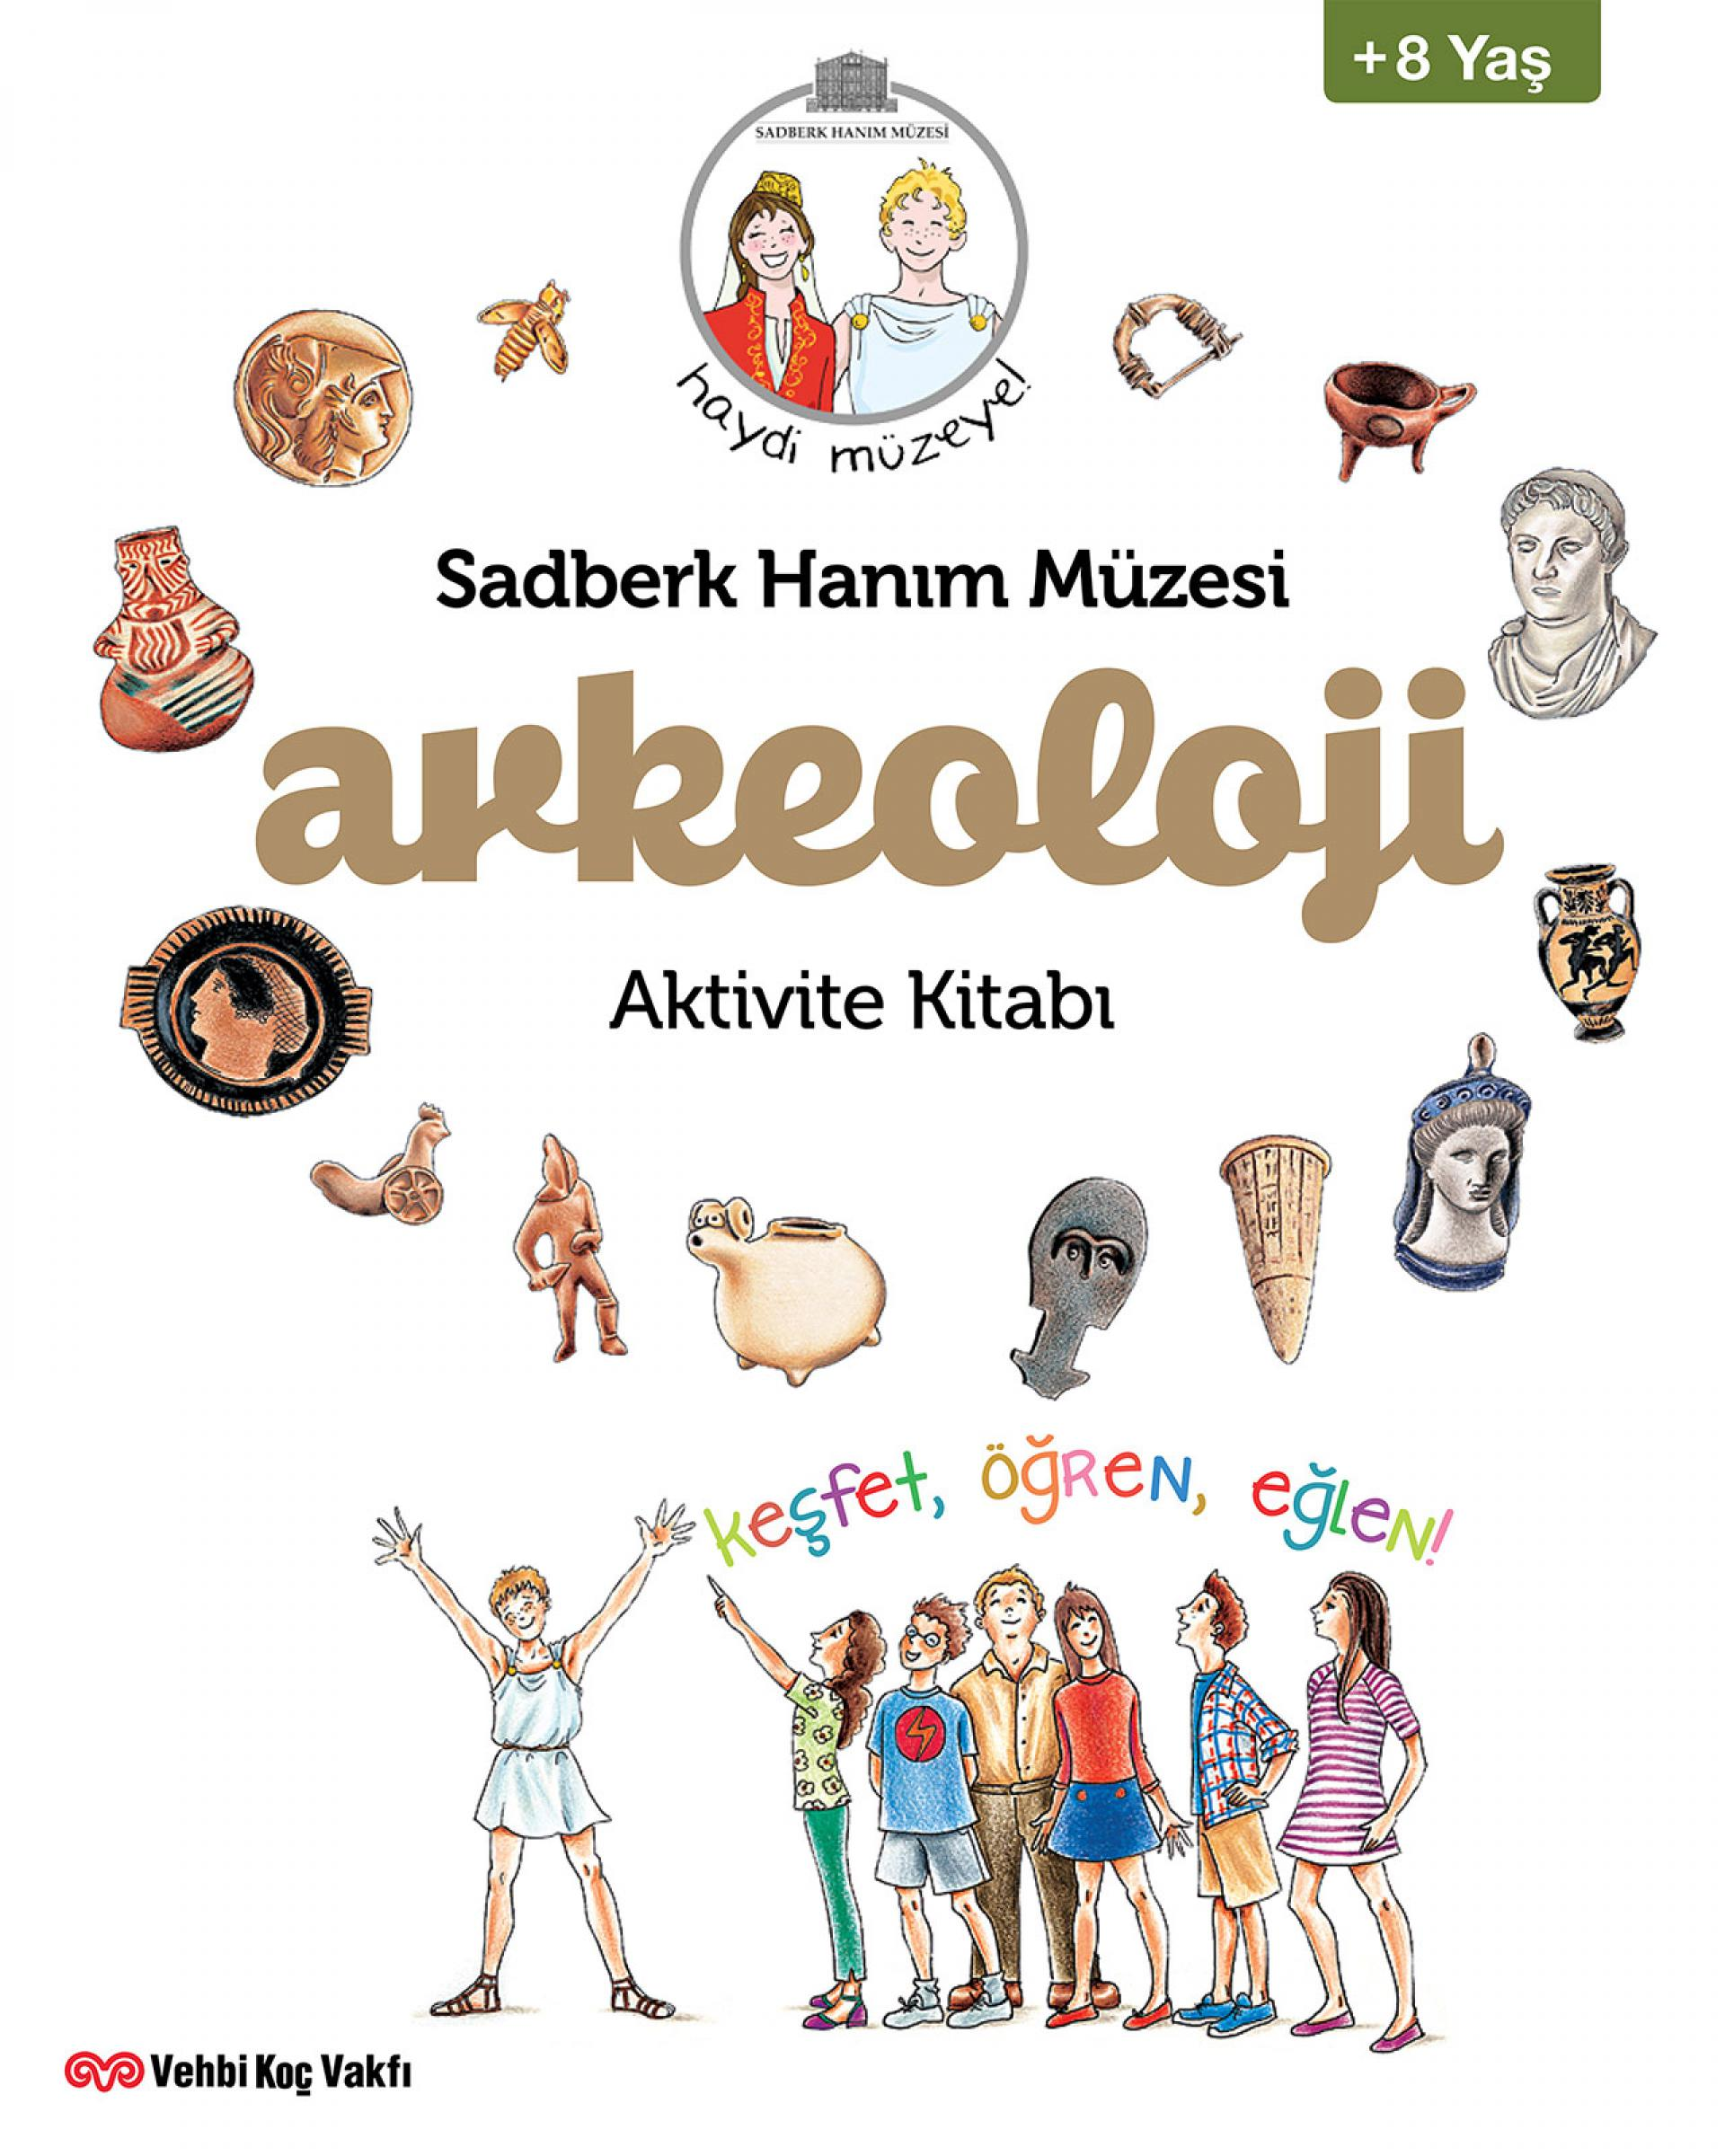 Haydi Müzeye! Arkeoloji Aktivite Kitabı - BOOKS - Sadberk Hanım Museum